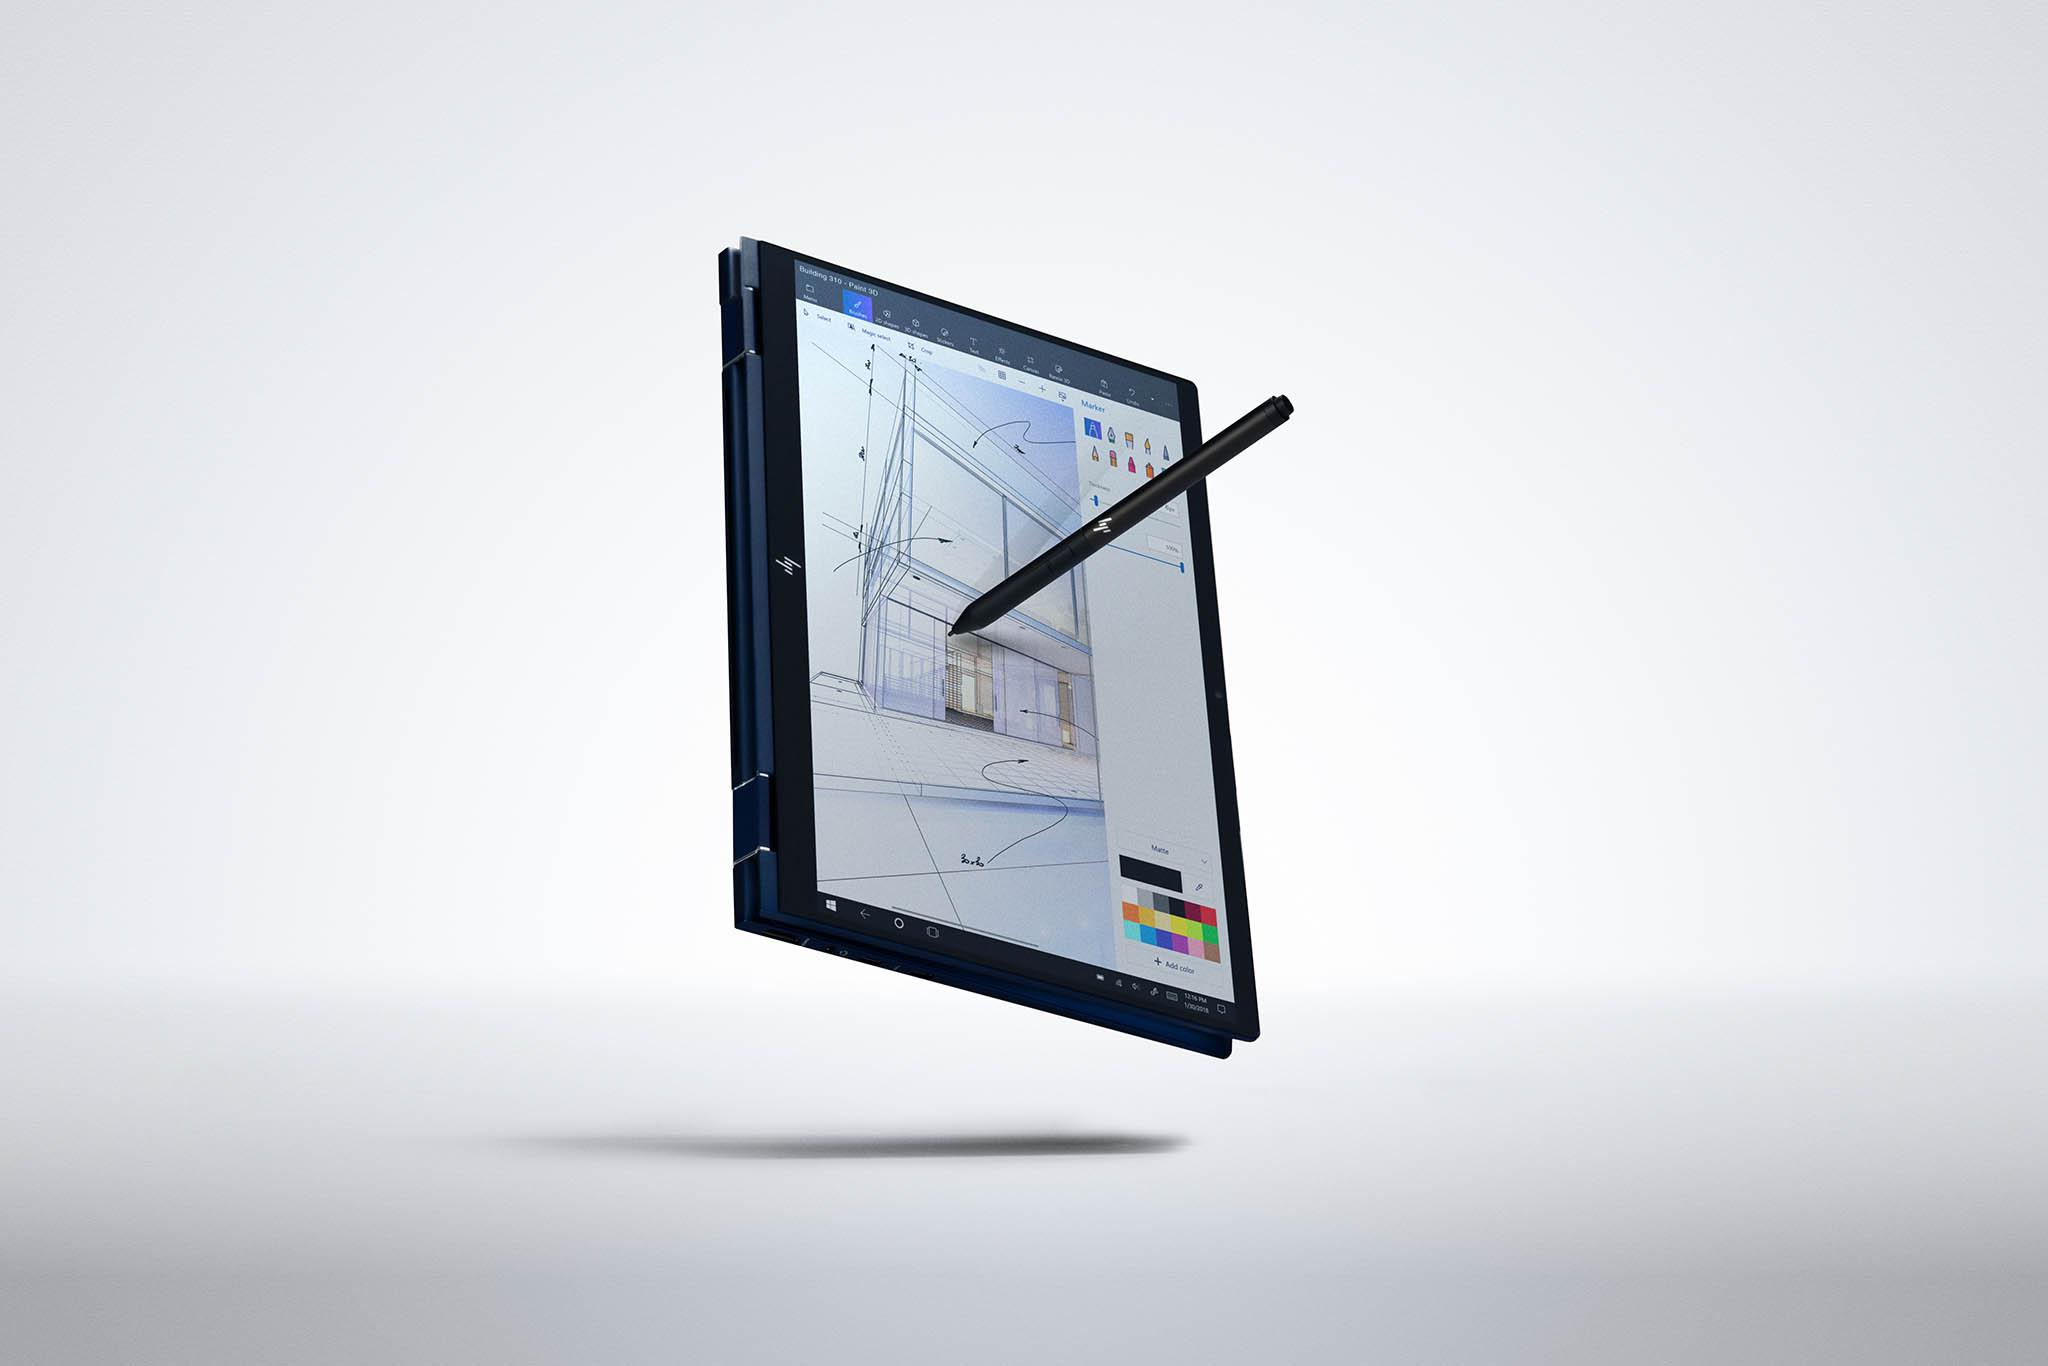 """Notebook HP Elite Dragonfly lze otočením dotykového displeje o360 stupňů proměnit vtablet. Iproto dostal jméno """"vážka""""."""